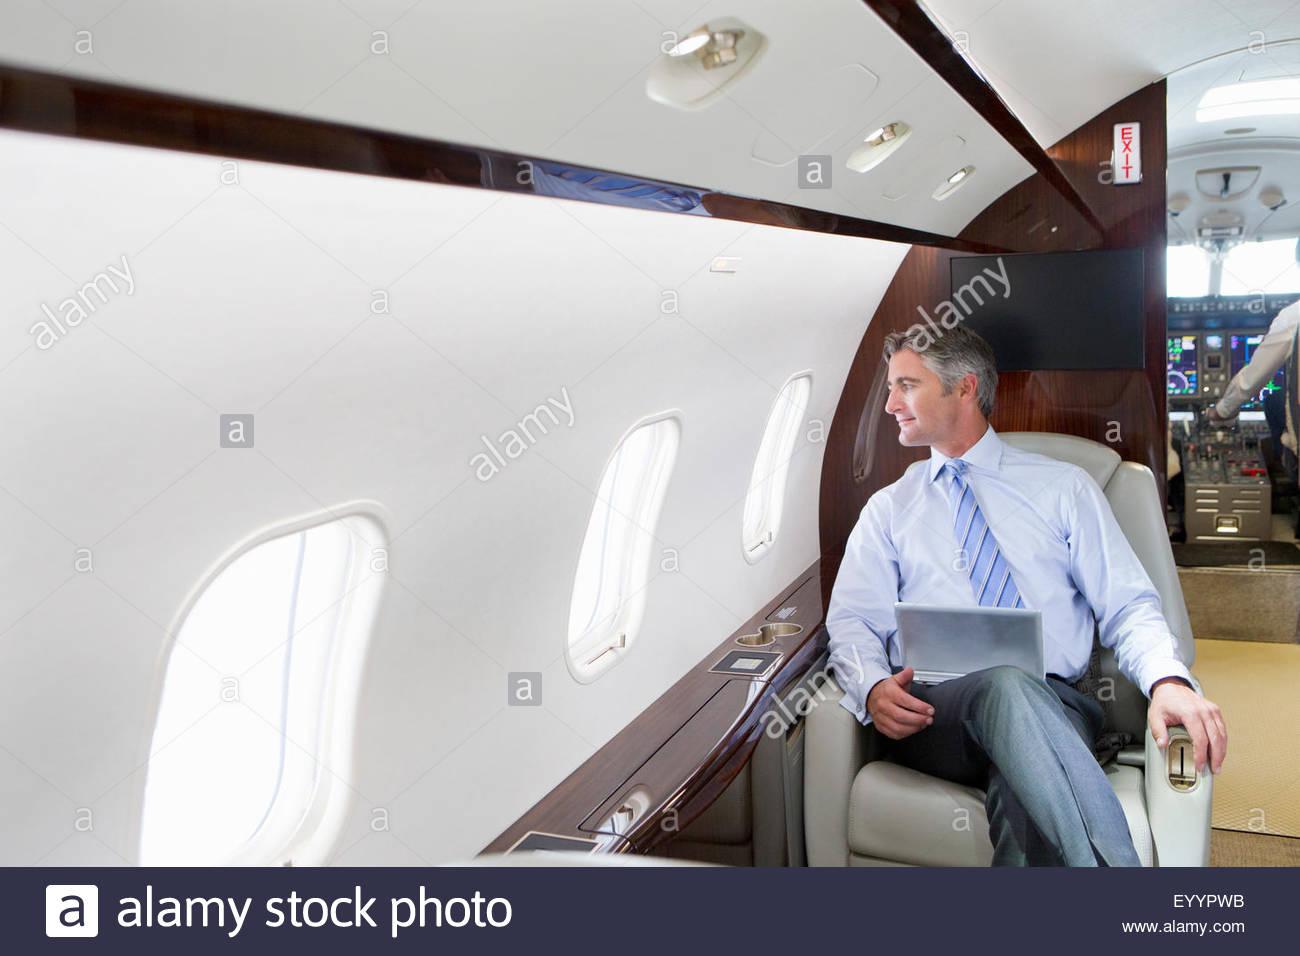 Imprenditore con tavoletta digitale guardando fuori della finestra sul jet privato Immagini Stock